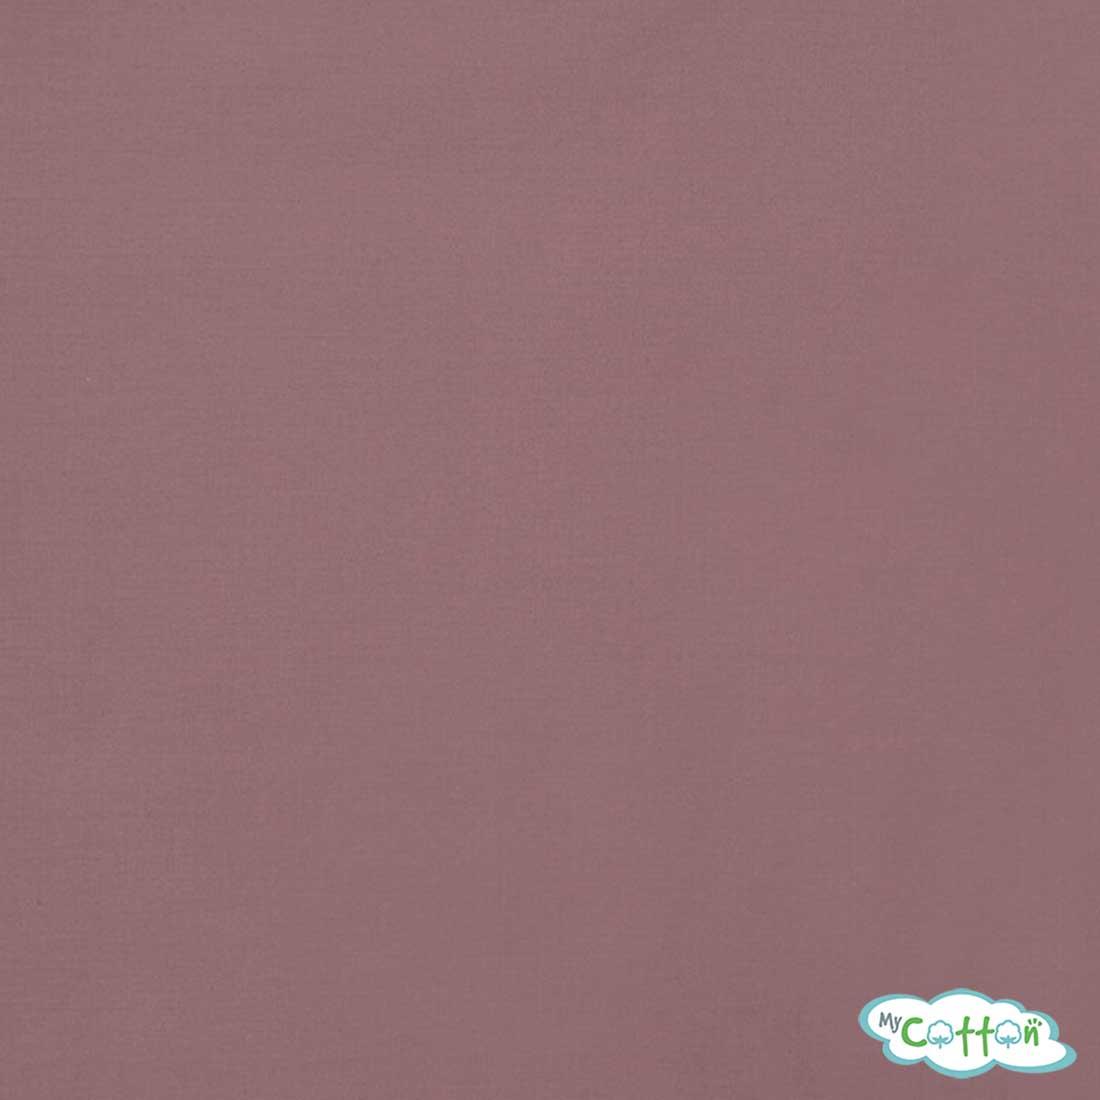 Постельное белье Tom Walker (Том Уокер)коллекция Философия (Philosophy)2